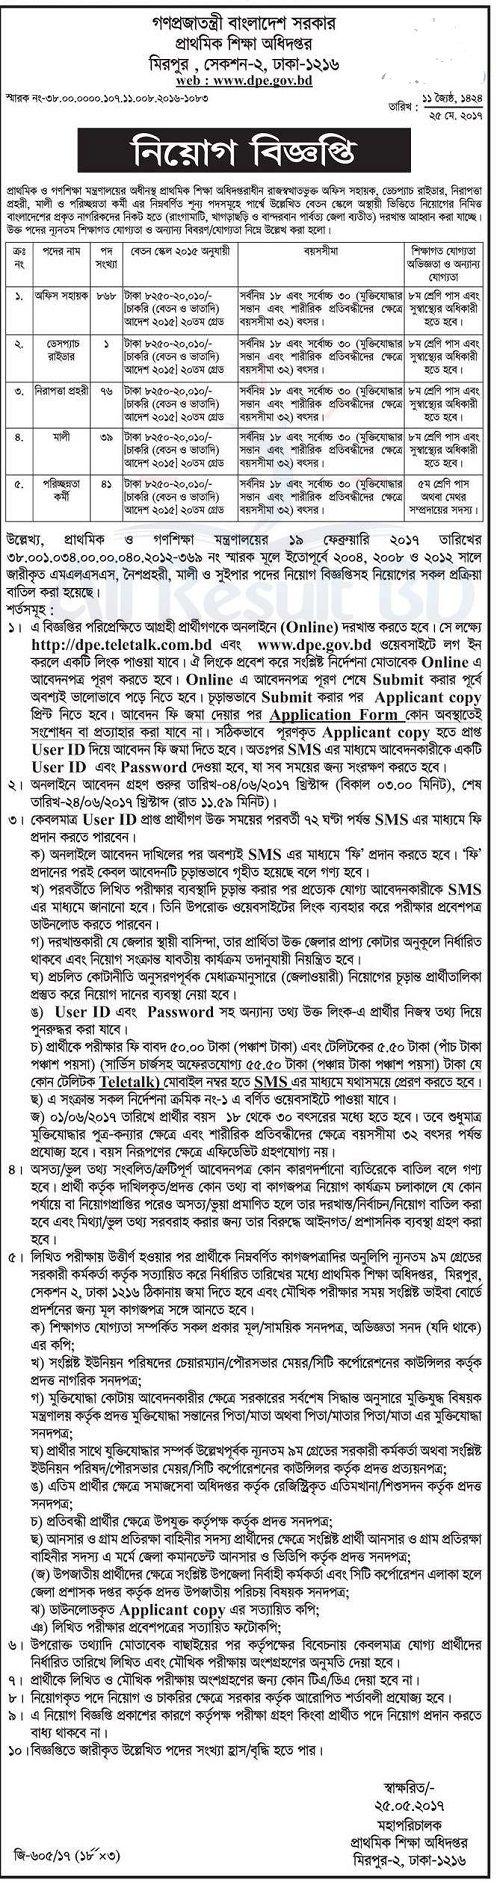 DPE Bangladesh Job Circular 2017, DPE Job Circular 2017, DPE Job Circular, Directorate of Primary Education Job Circular 2017, Directorate of Primary Education Job Circular,